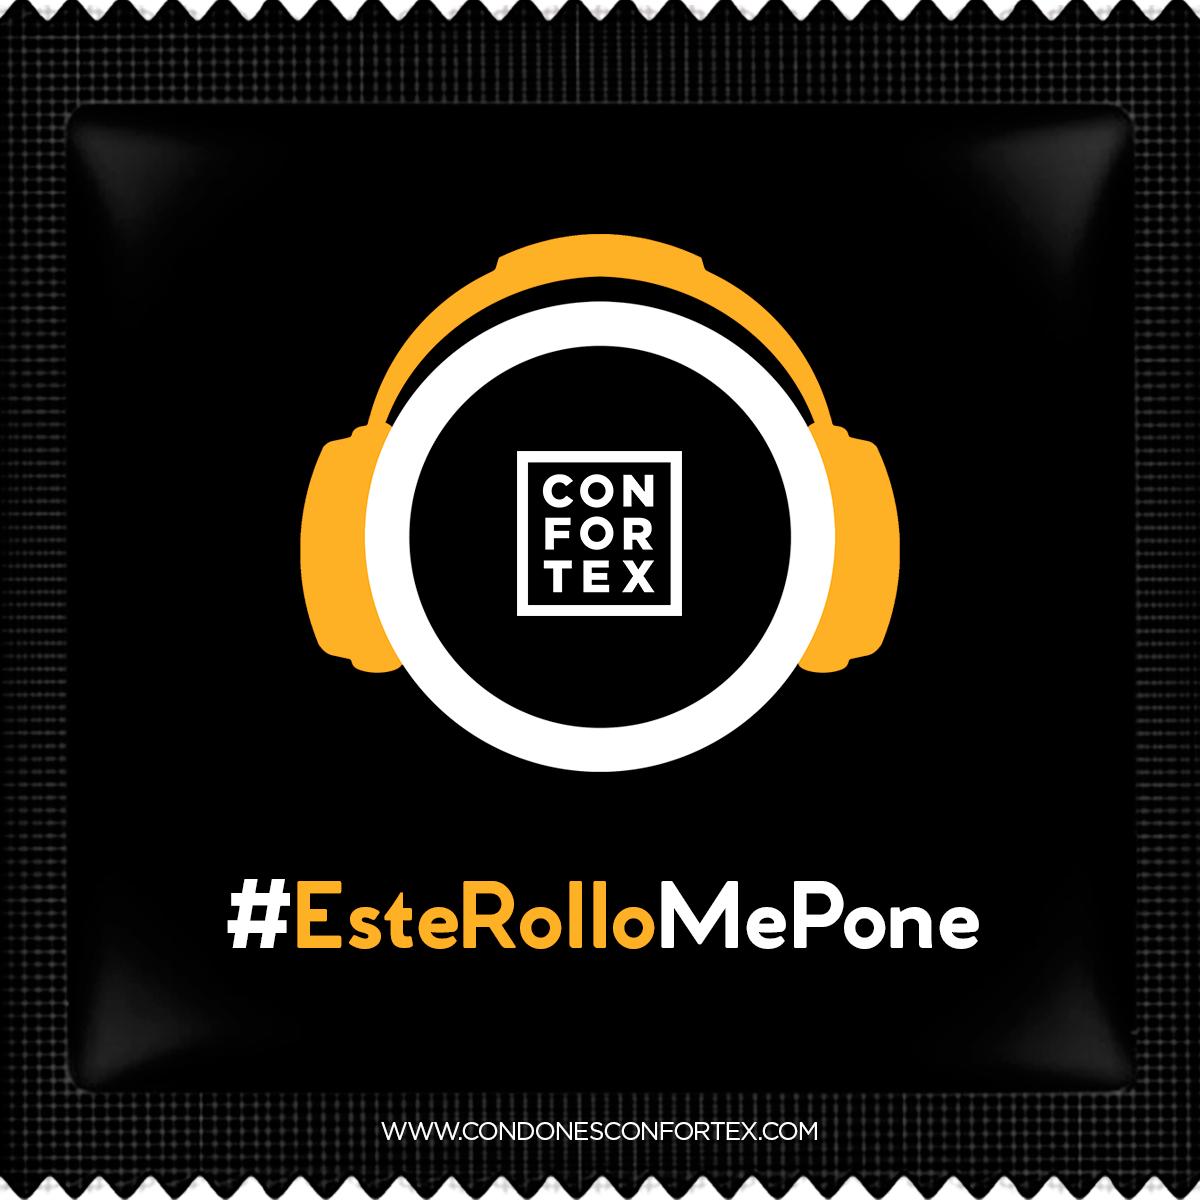 Condones Confortex #EsteRolloMePone